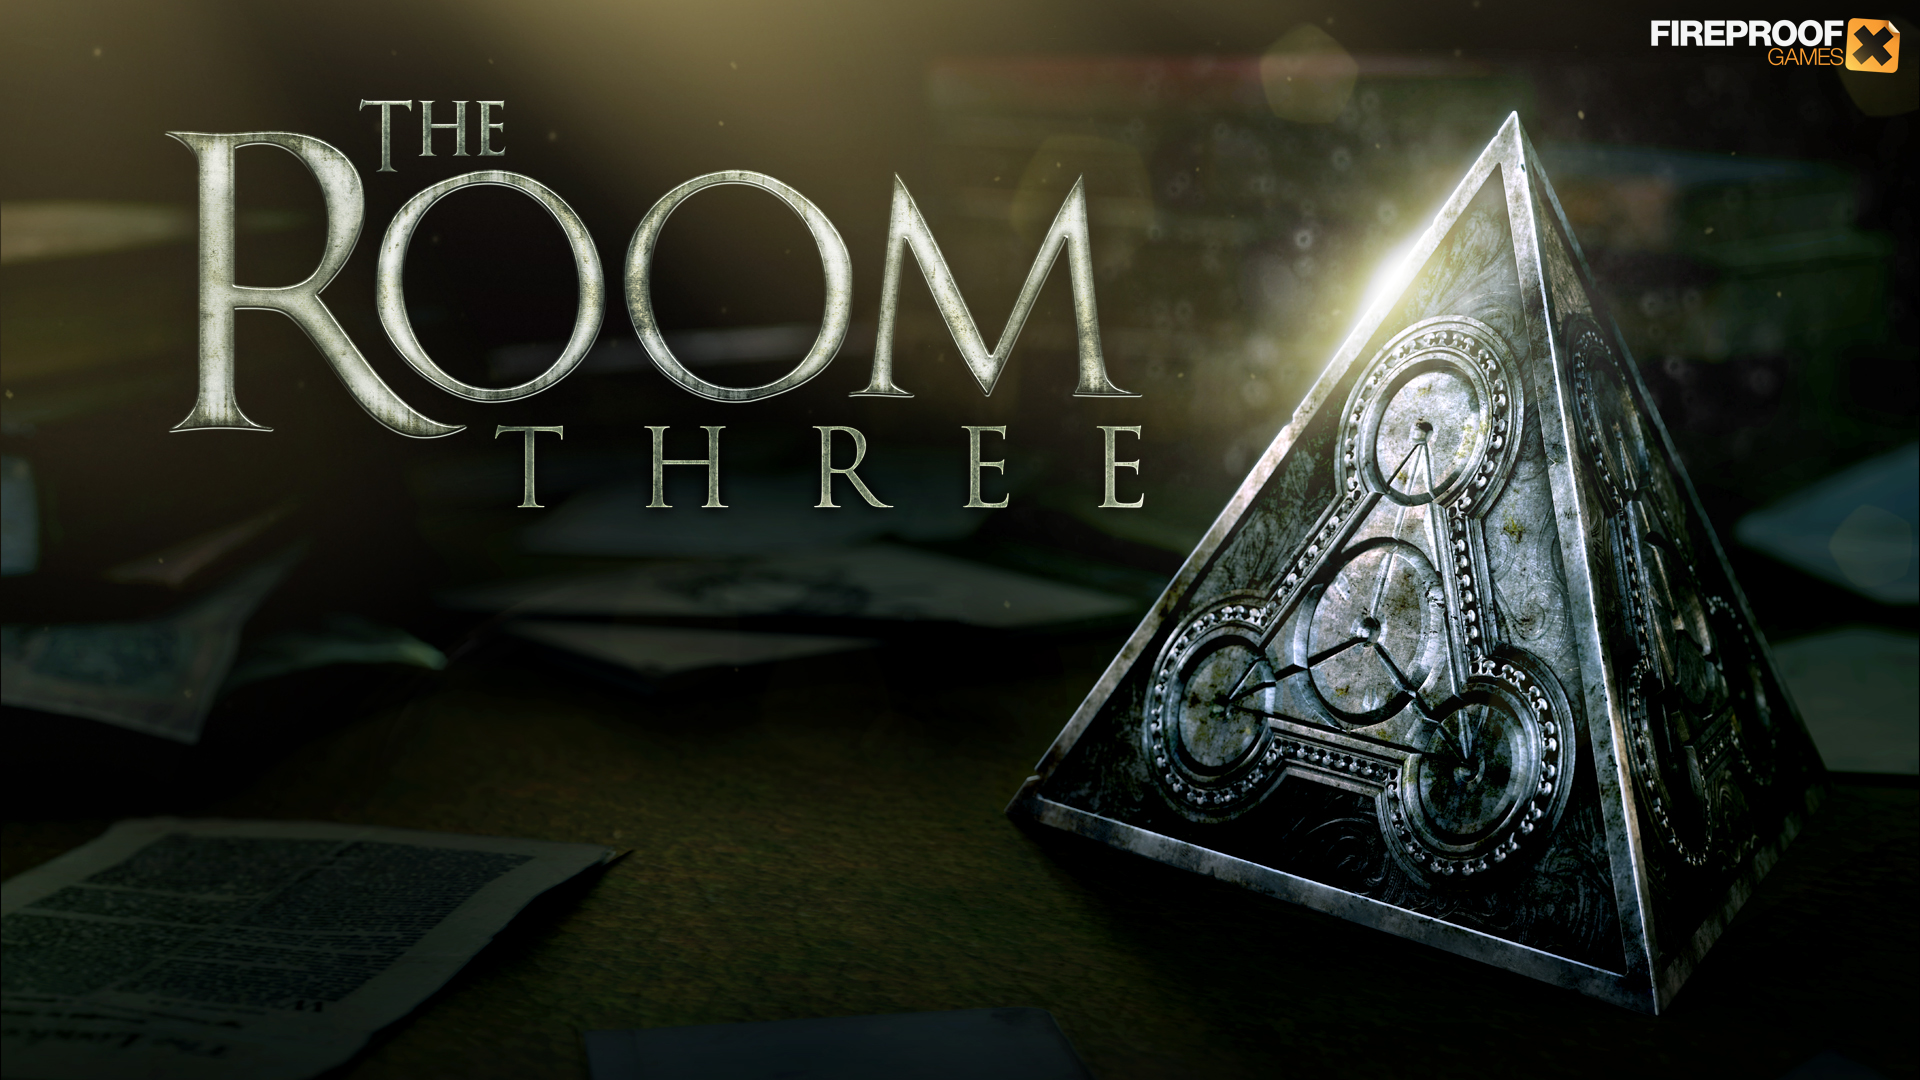 The Room Three nareszcie na Androidzie. Można już zagrać, ale trzeba użyć sposobu